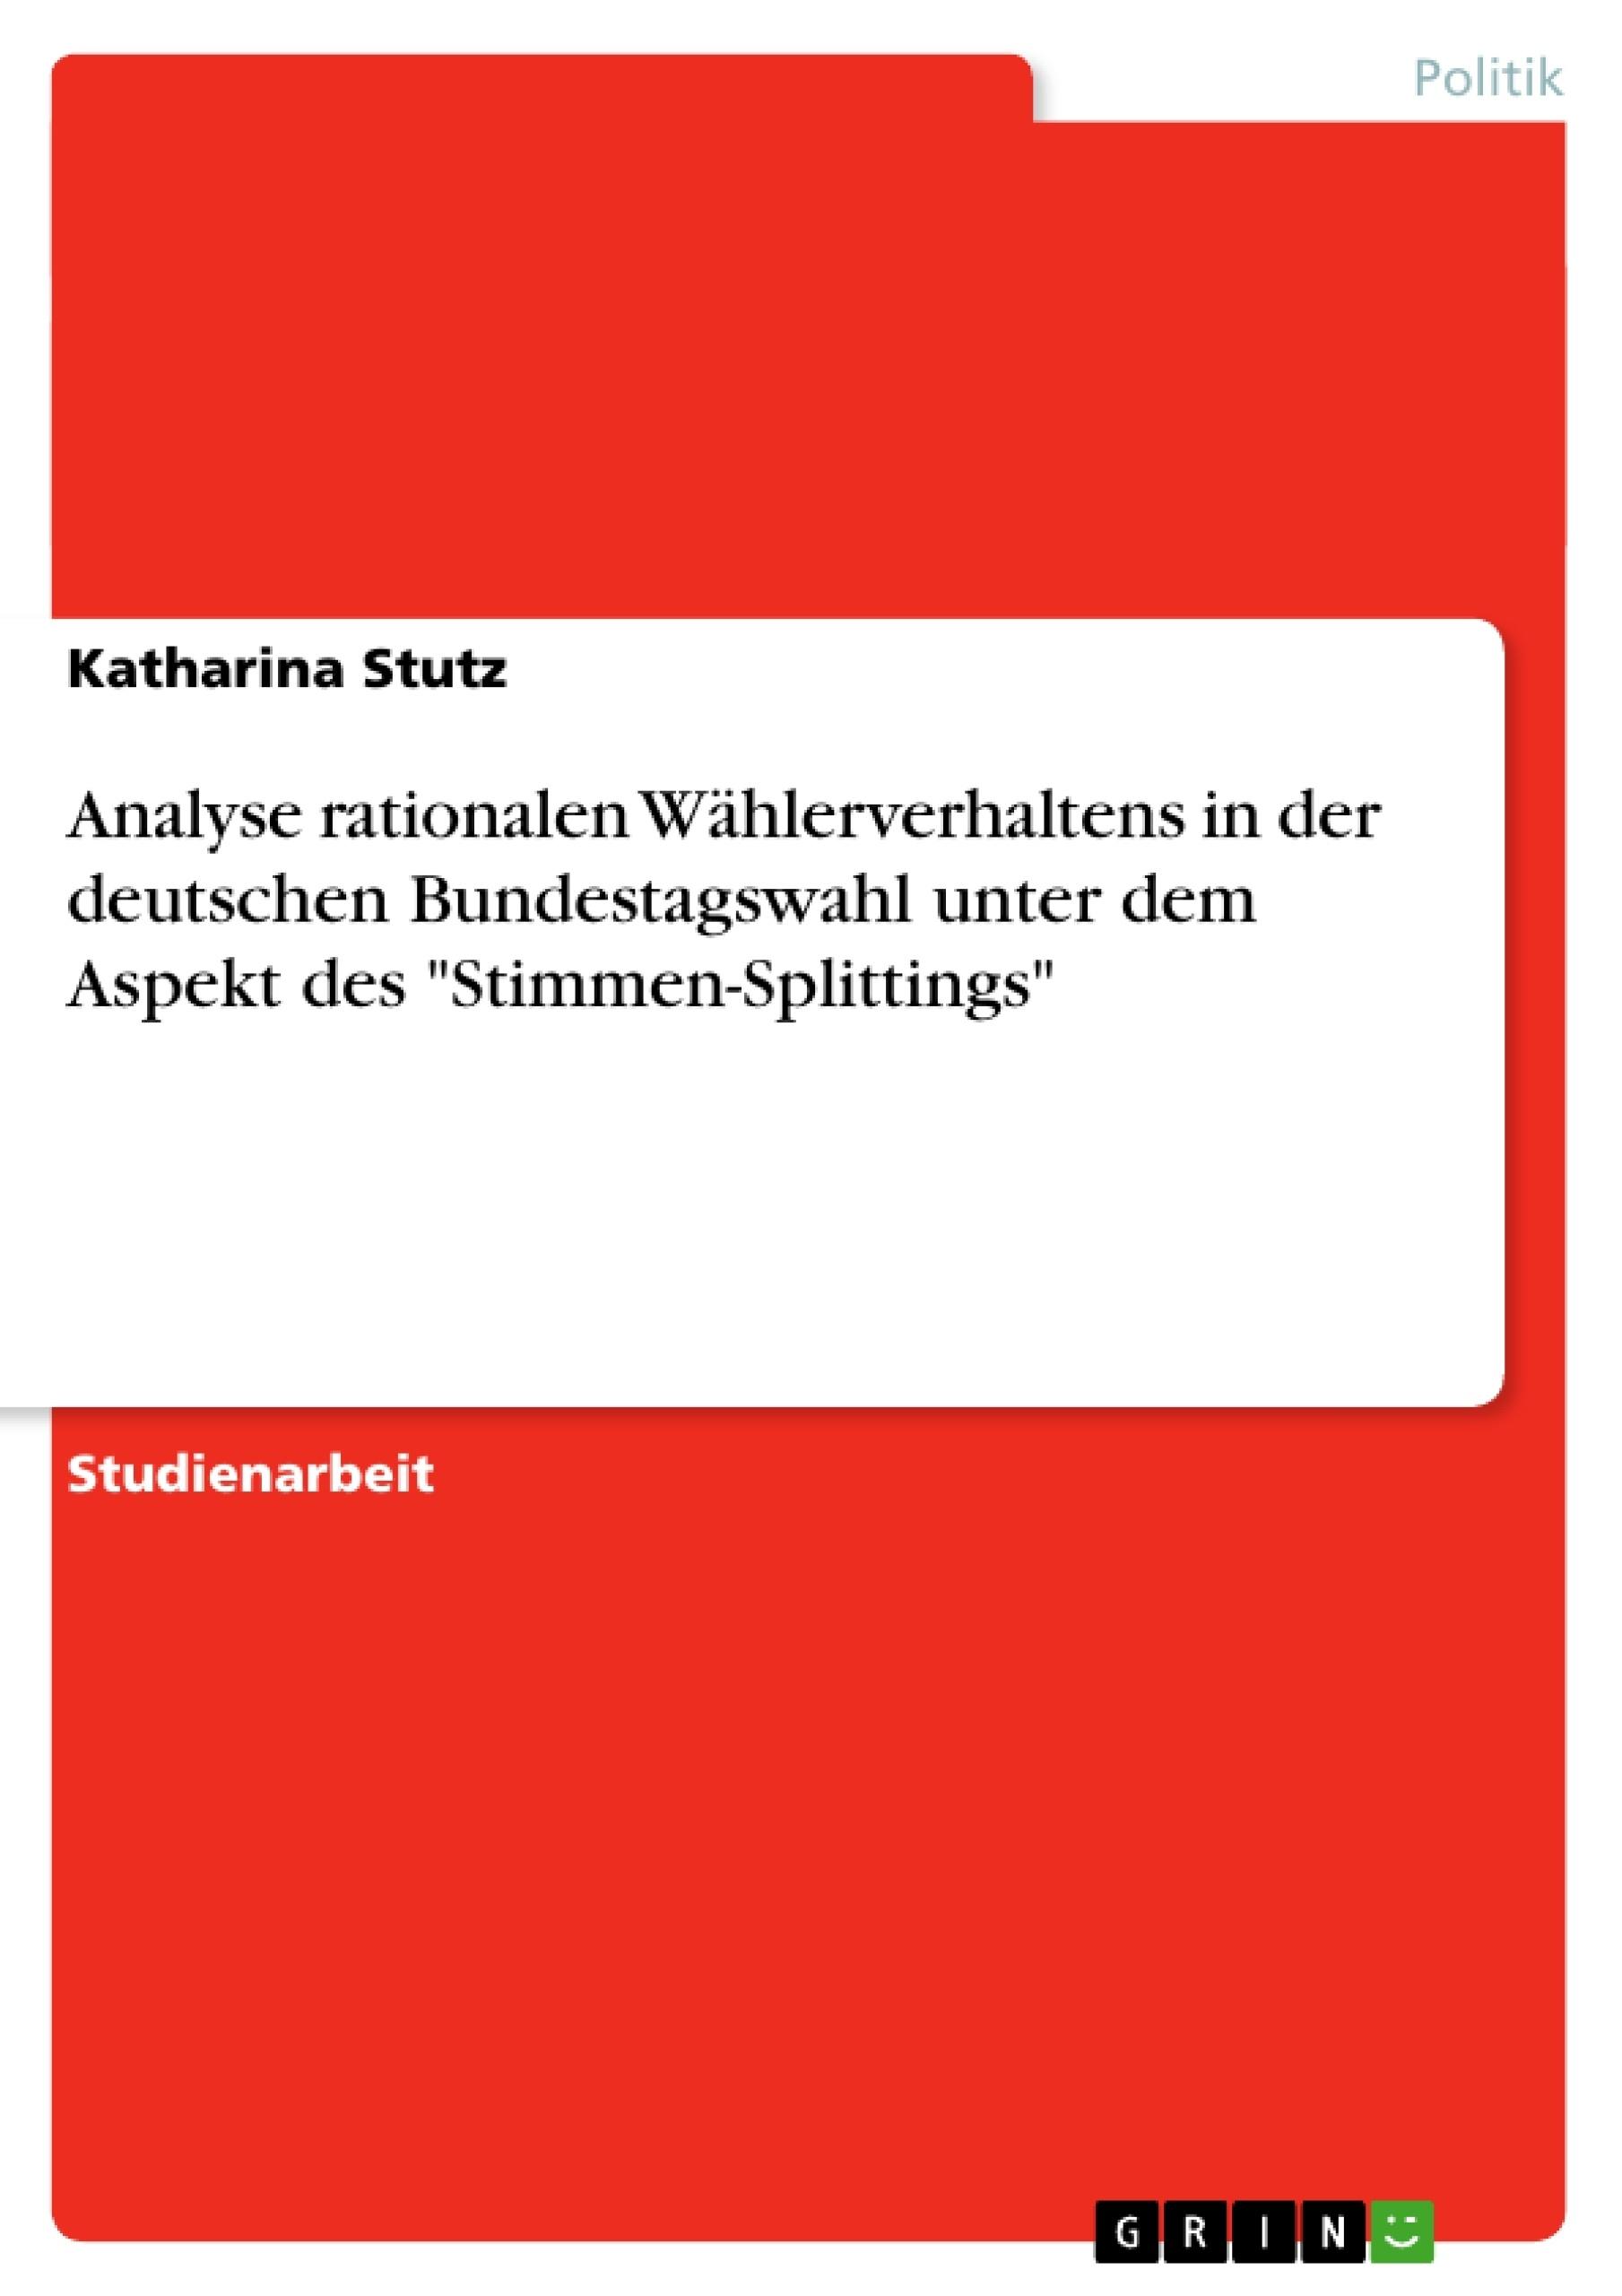 """Titel: Analyse rationalen Wählerverhaltens in der deutschen Bundestagswahl unter dem Aspekt des """"Stimmen-Splittings"""""""